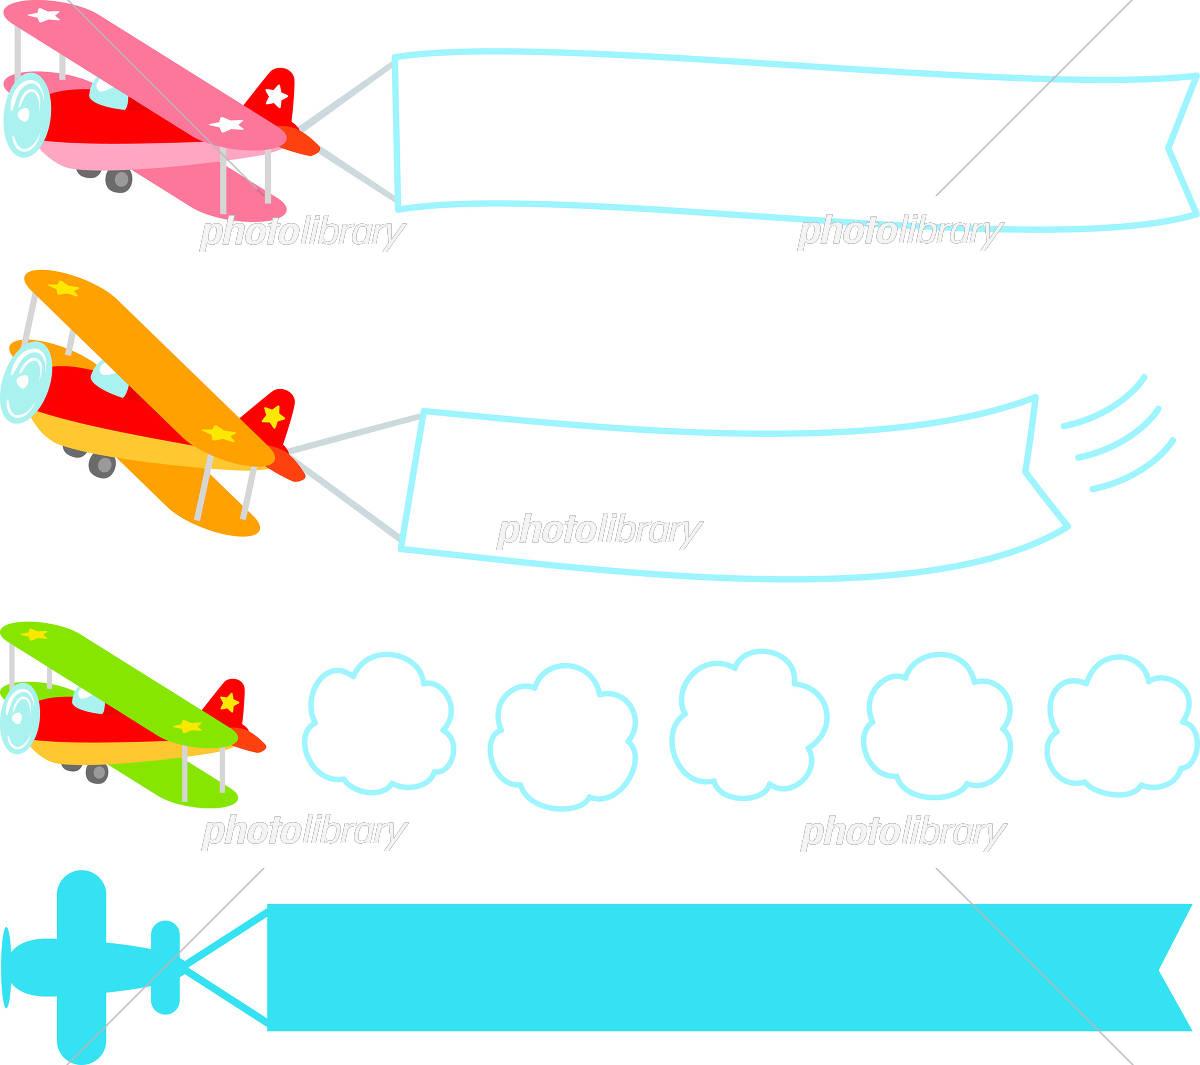 プロペラ飛行機とフラッグ イラスト素材 5699408 フォトライブ